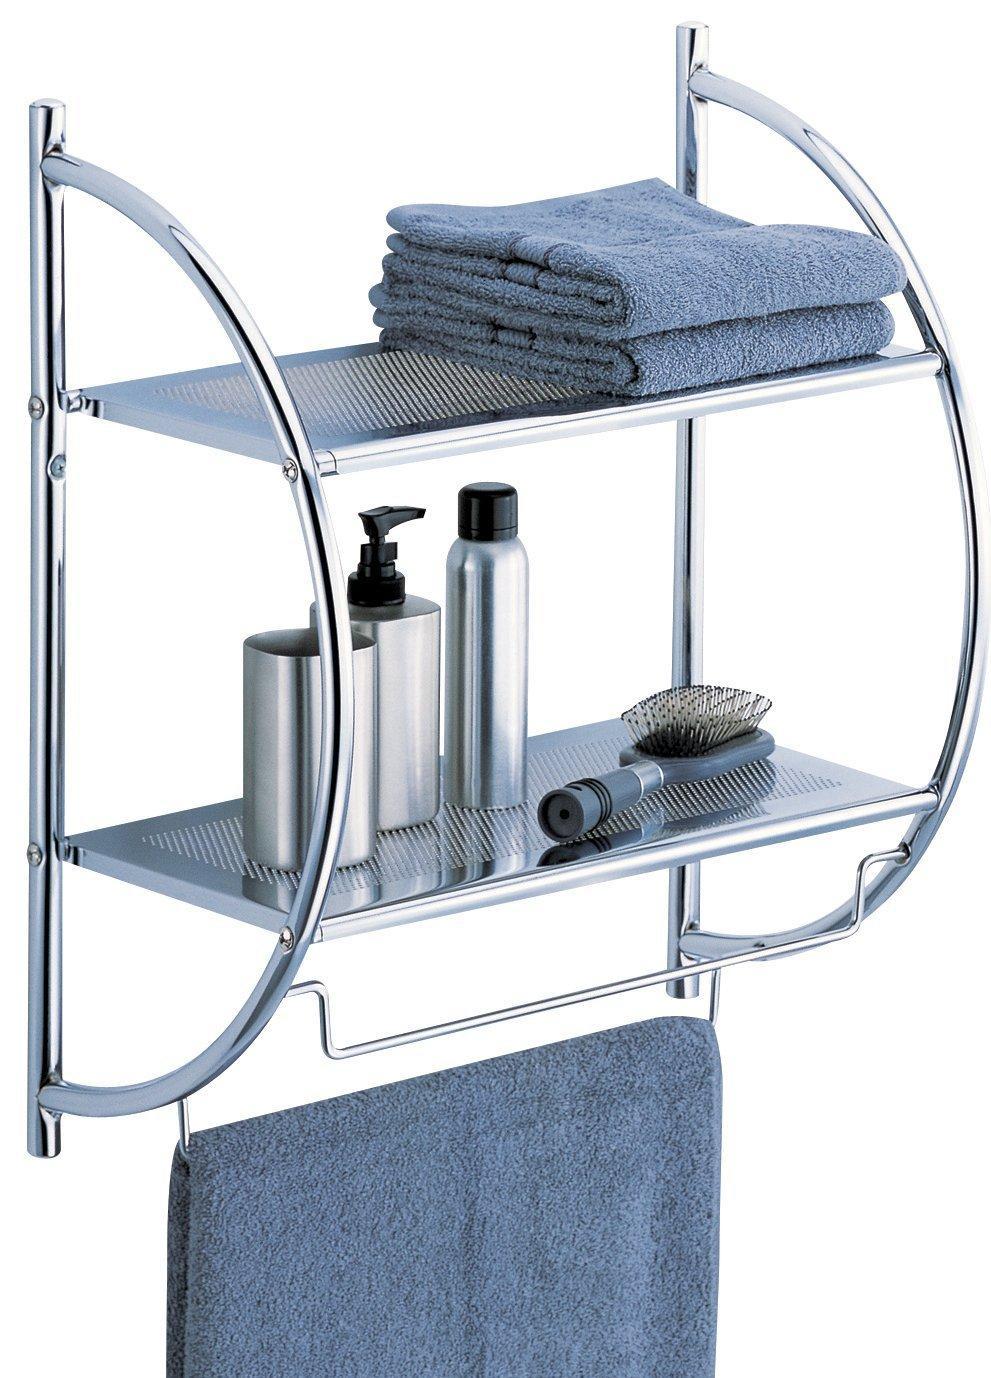 Нержавеющие полки для ванной выбираем конфигурацию и